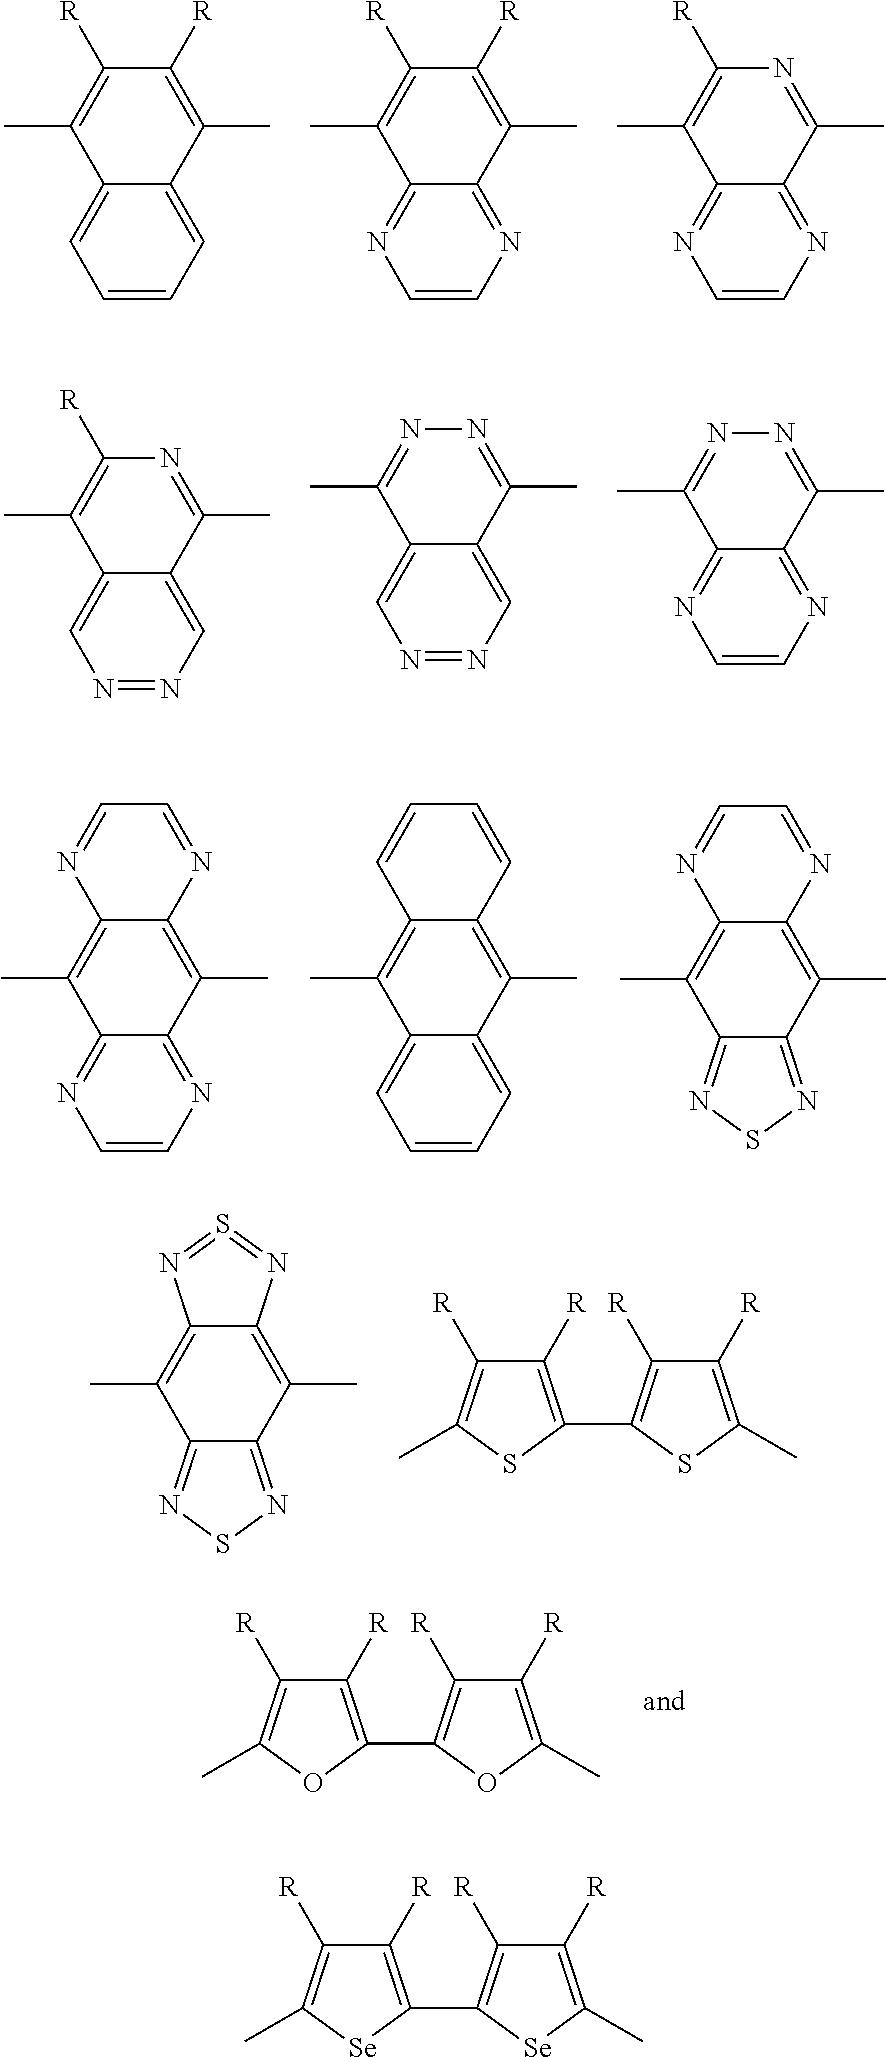 Figure US20150287873A1-20151008-C00003